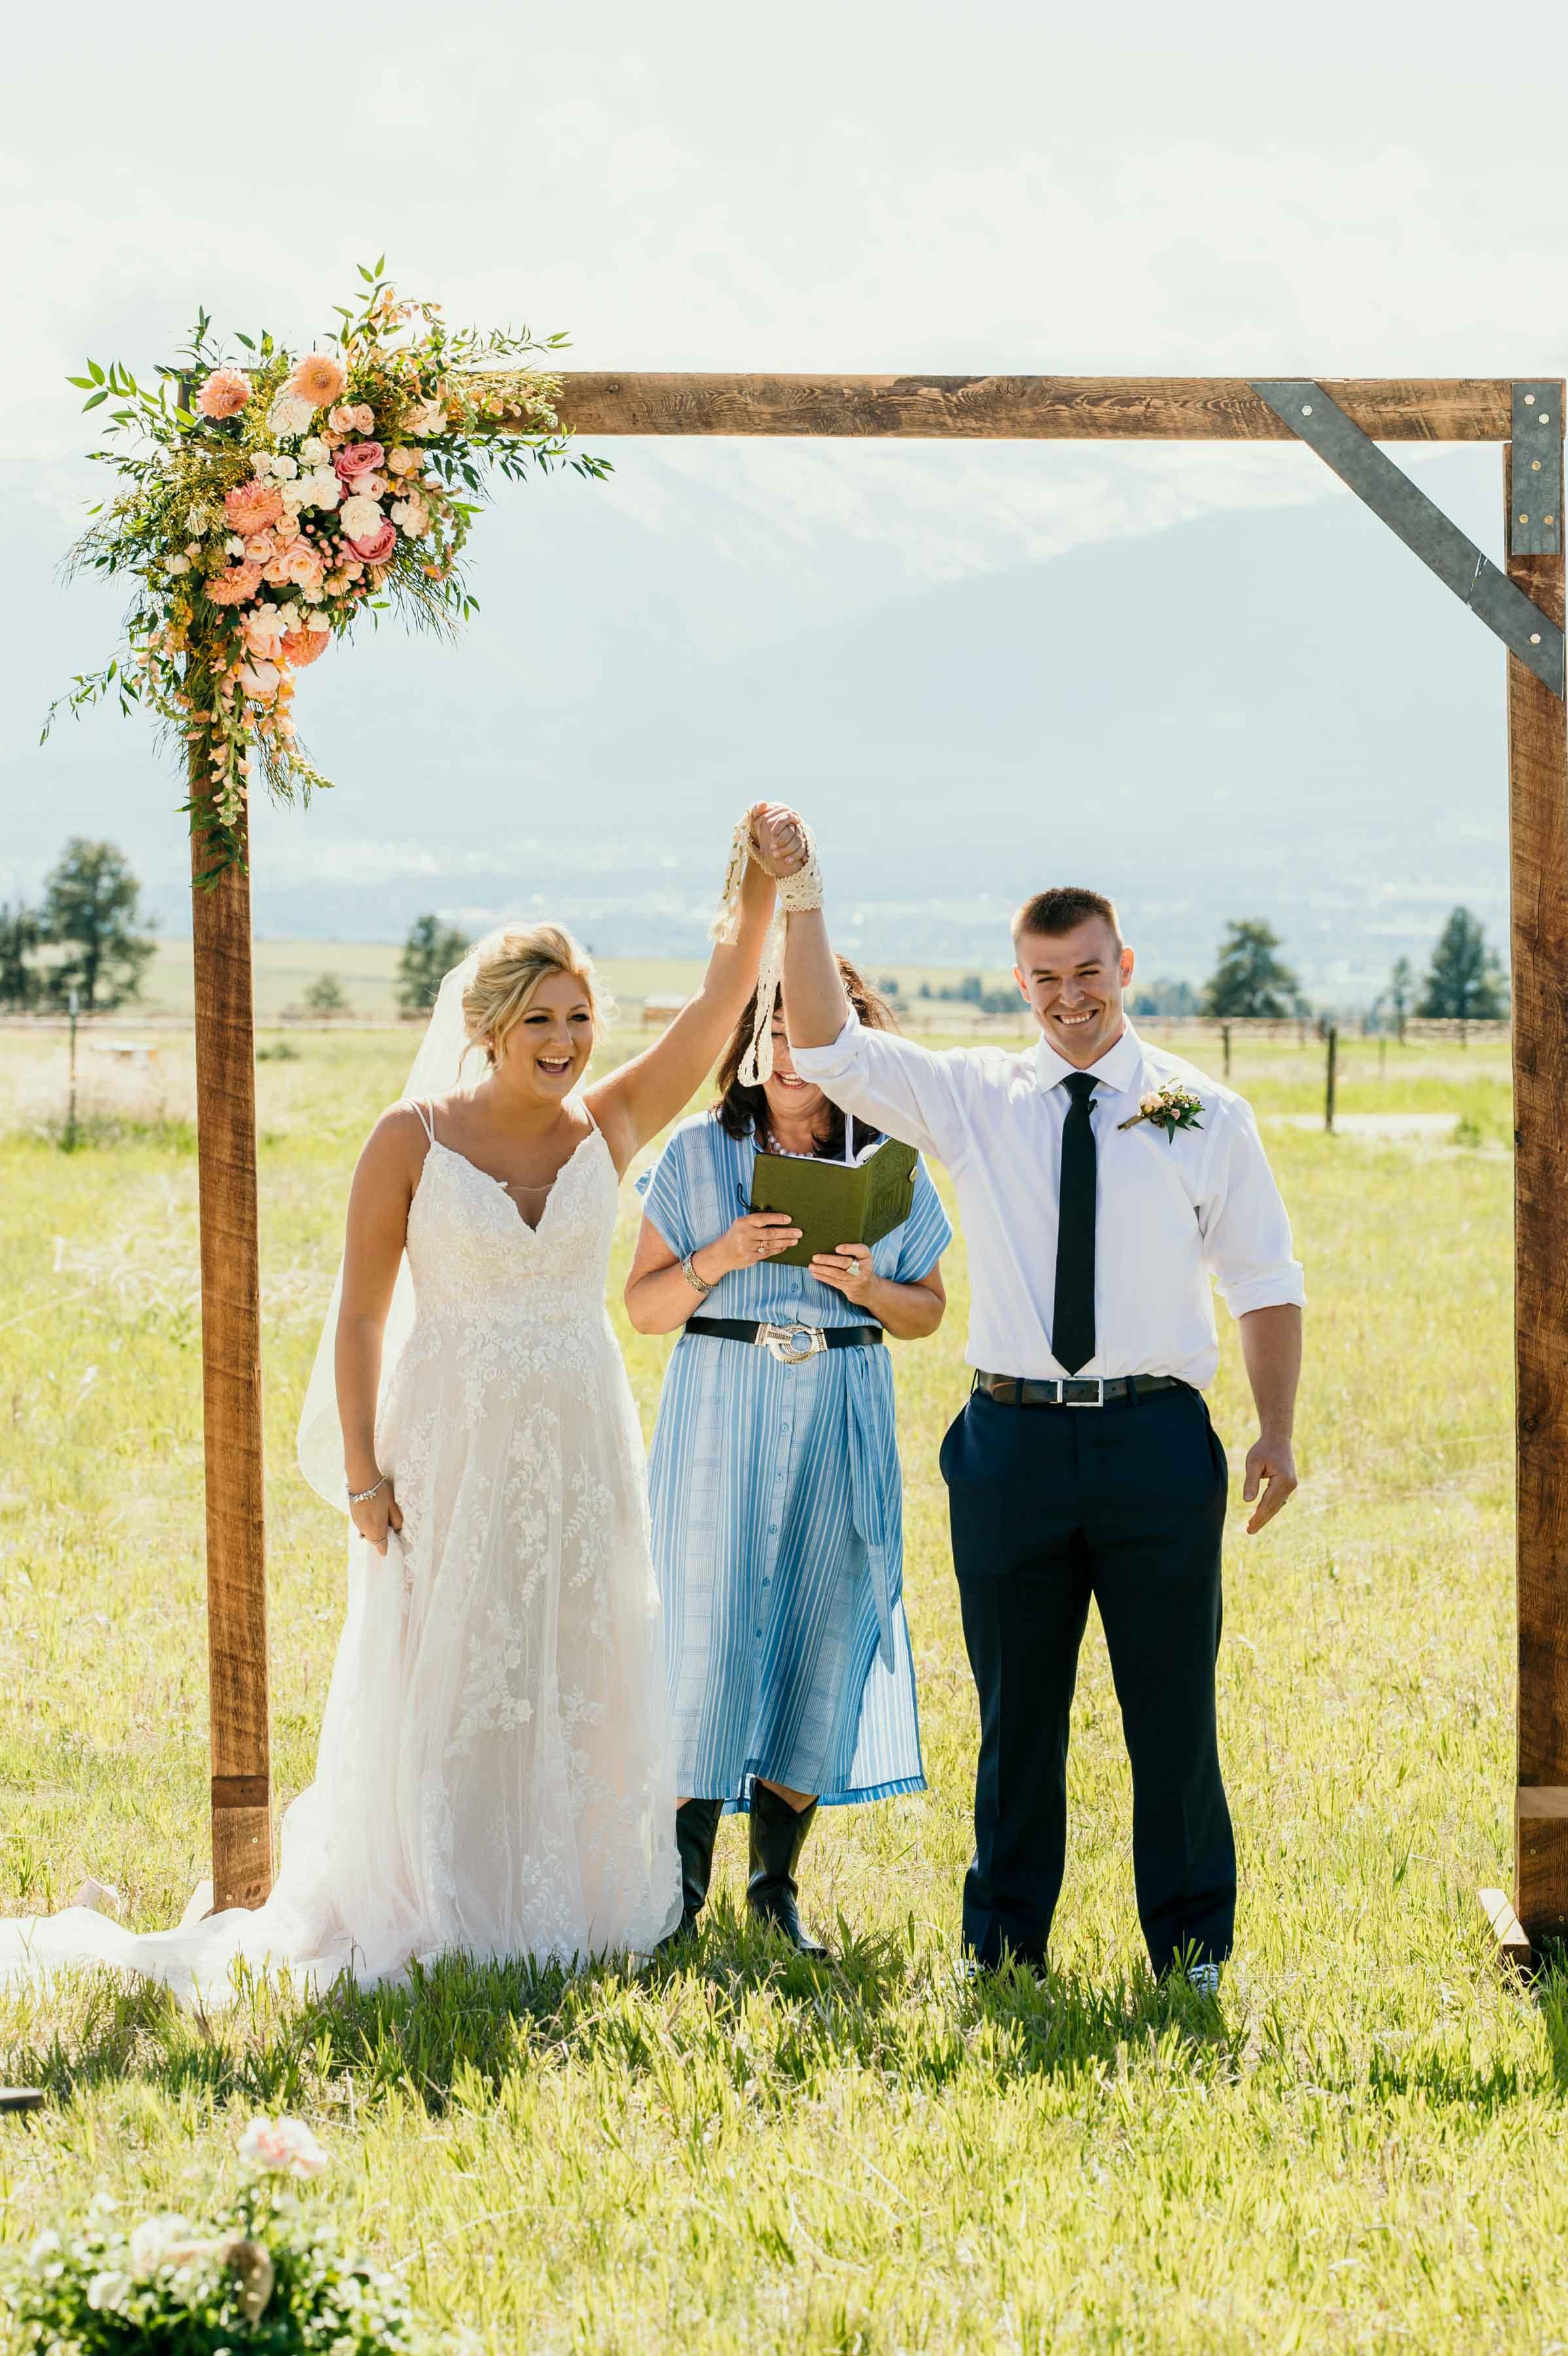 212 Montana Wedding Photographer_Doherty 2018-2268.jpg